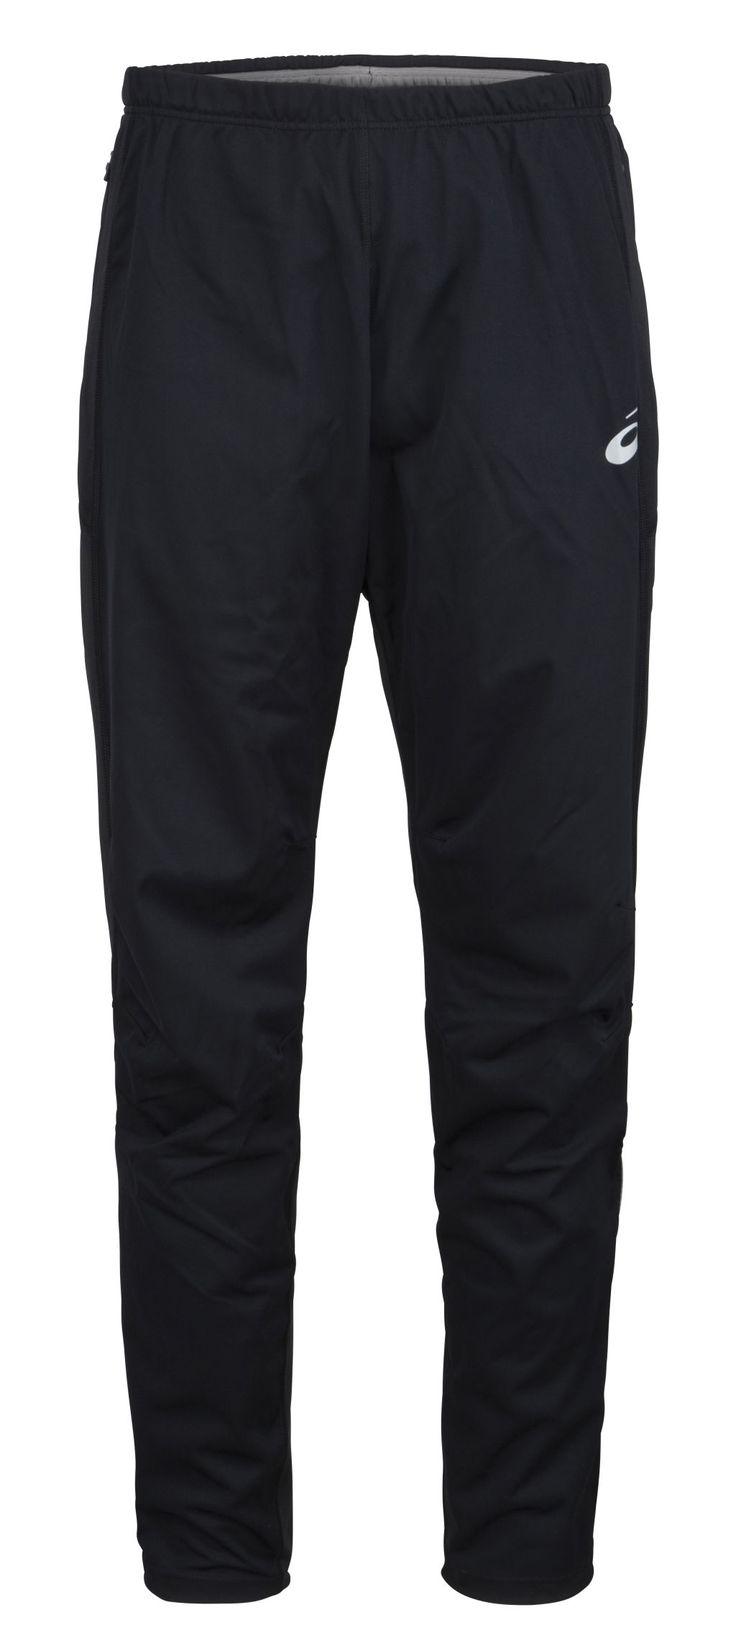 Miesten tuulisuojattut housut. Lahkeissa vetoketjut ja vyötärössä vetoketjulliset taskut.